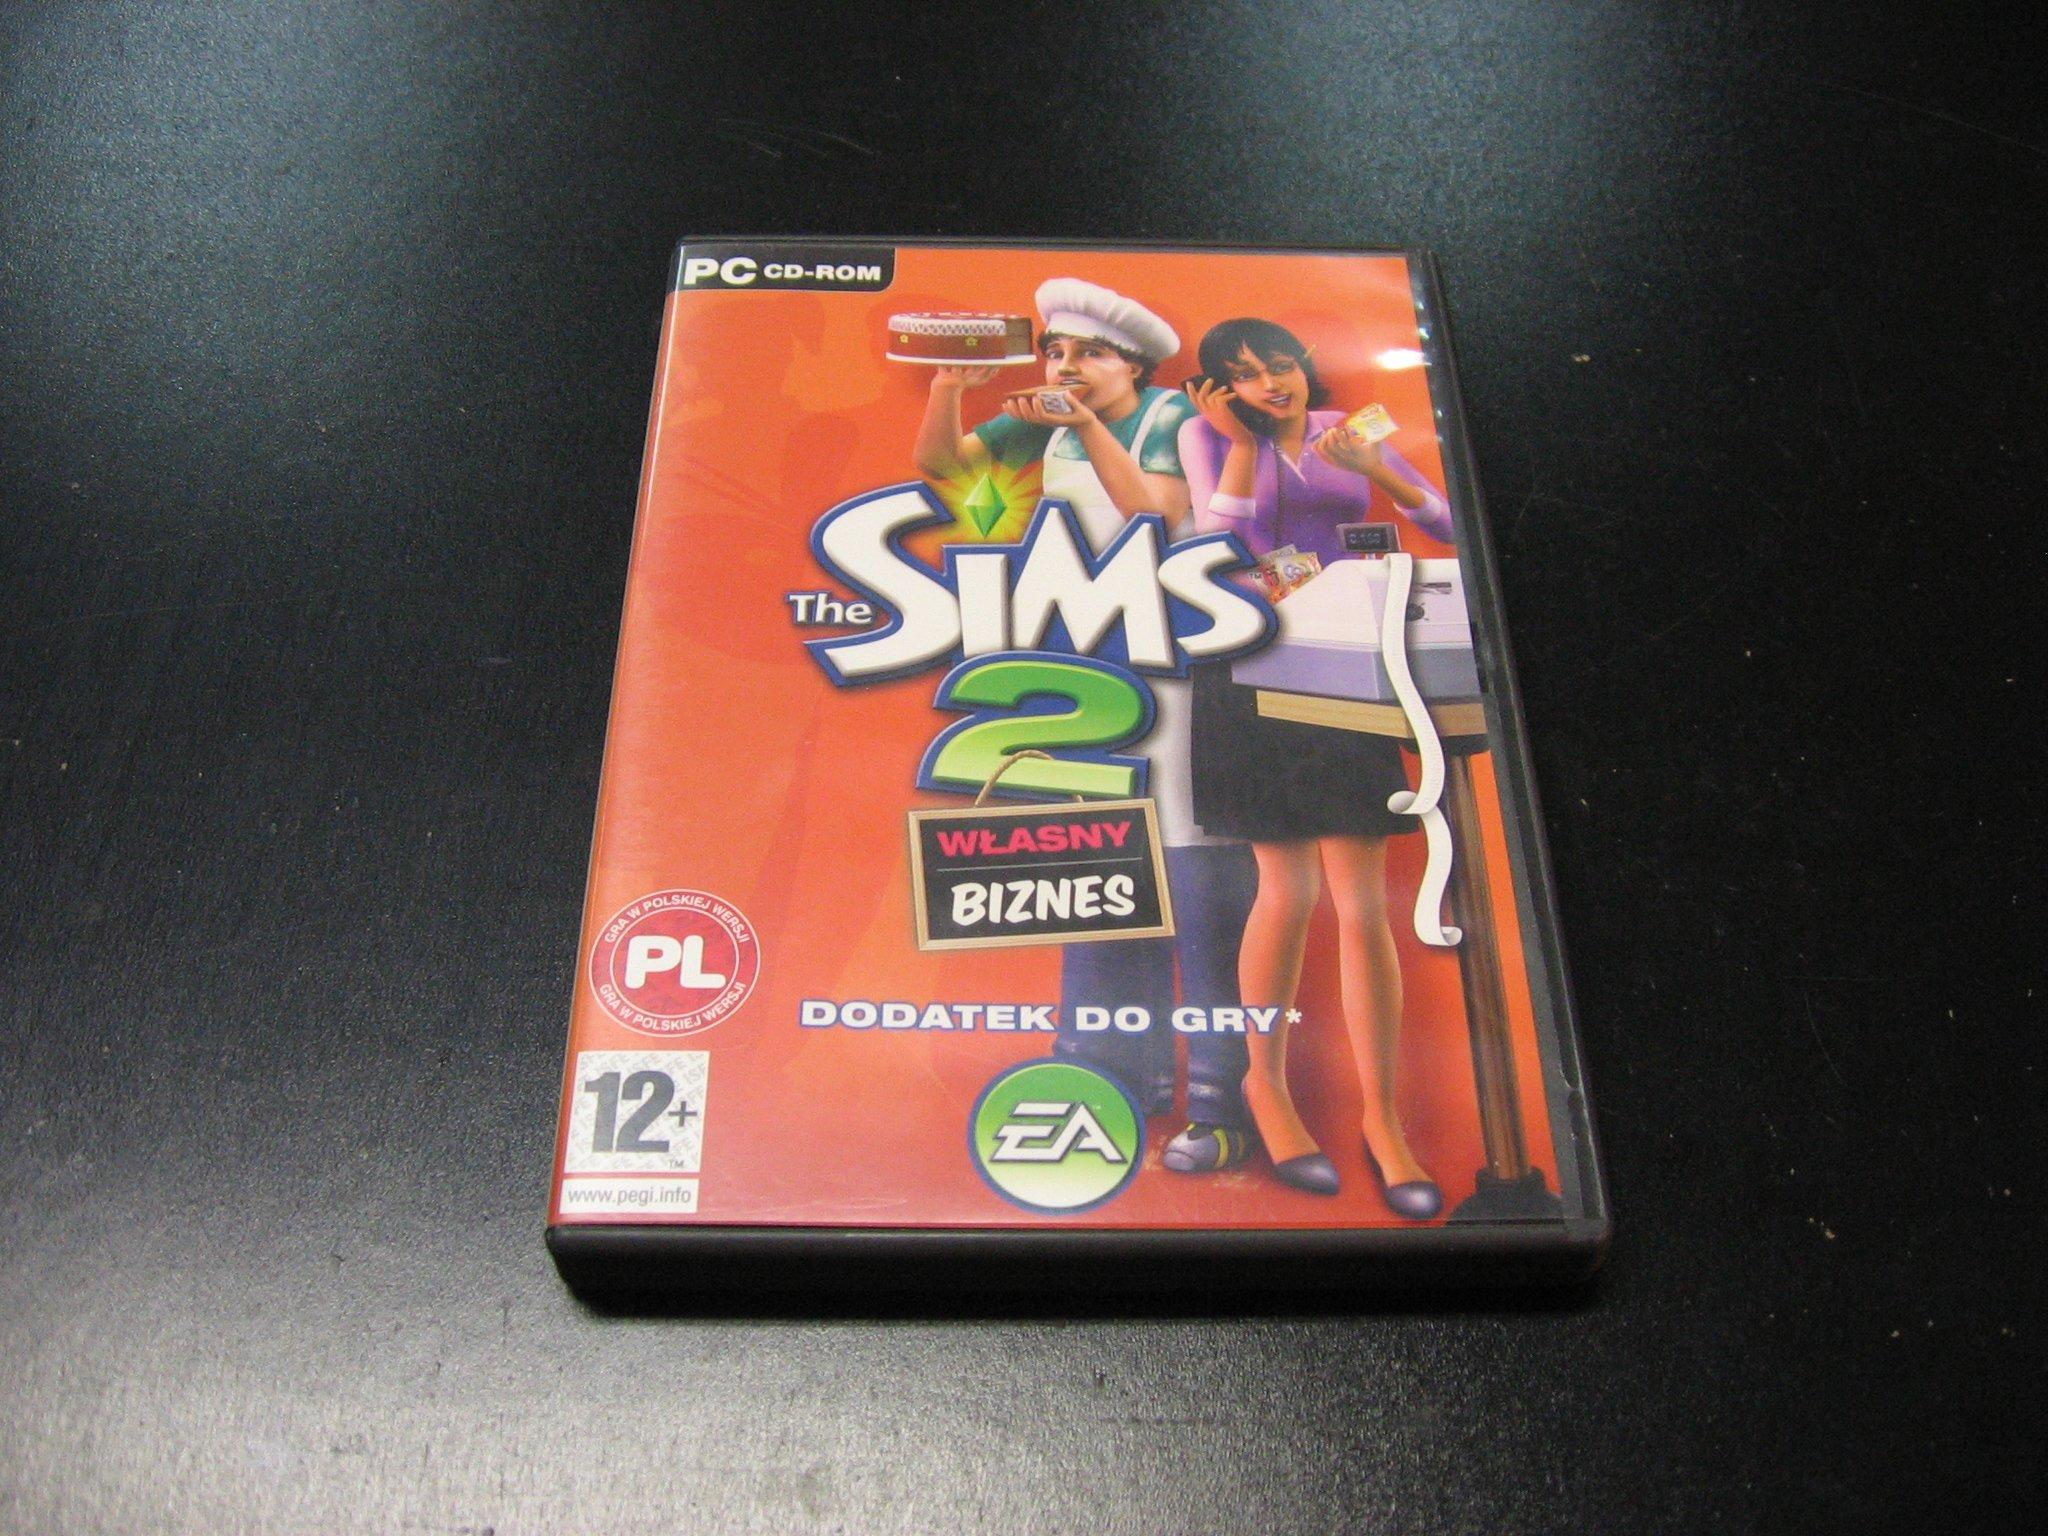 The Sims 2 Własny biznes PL - GRA PC Sklep